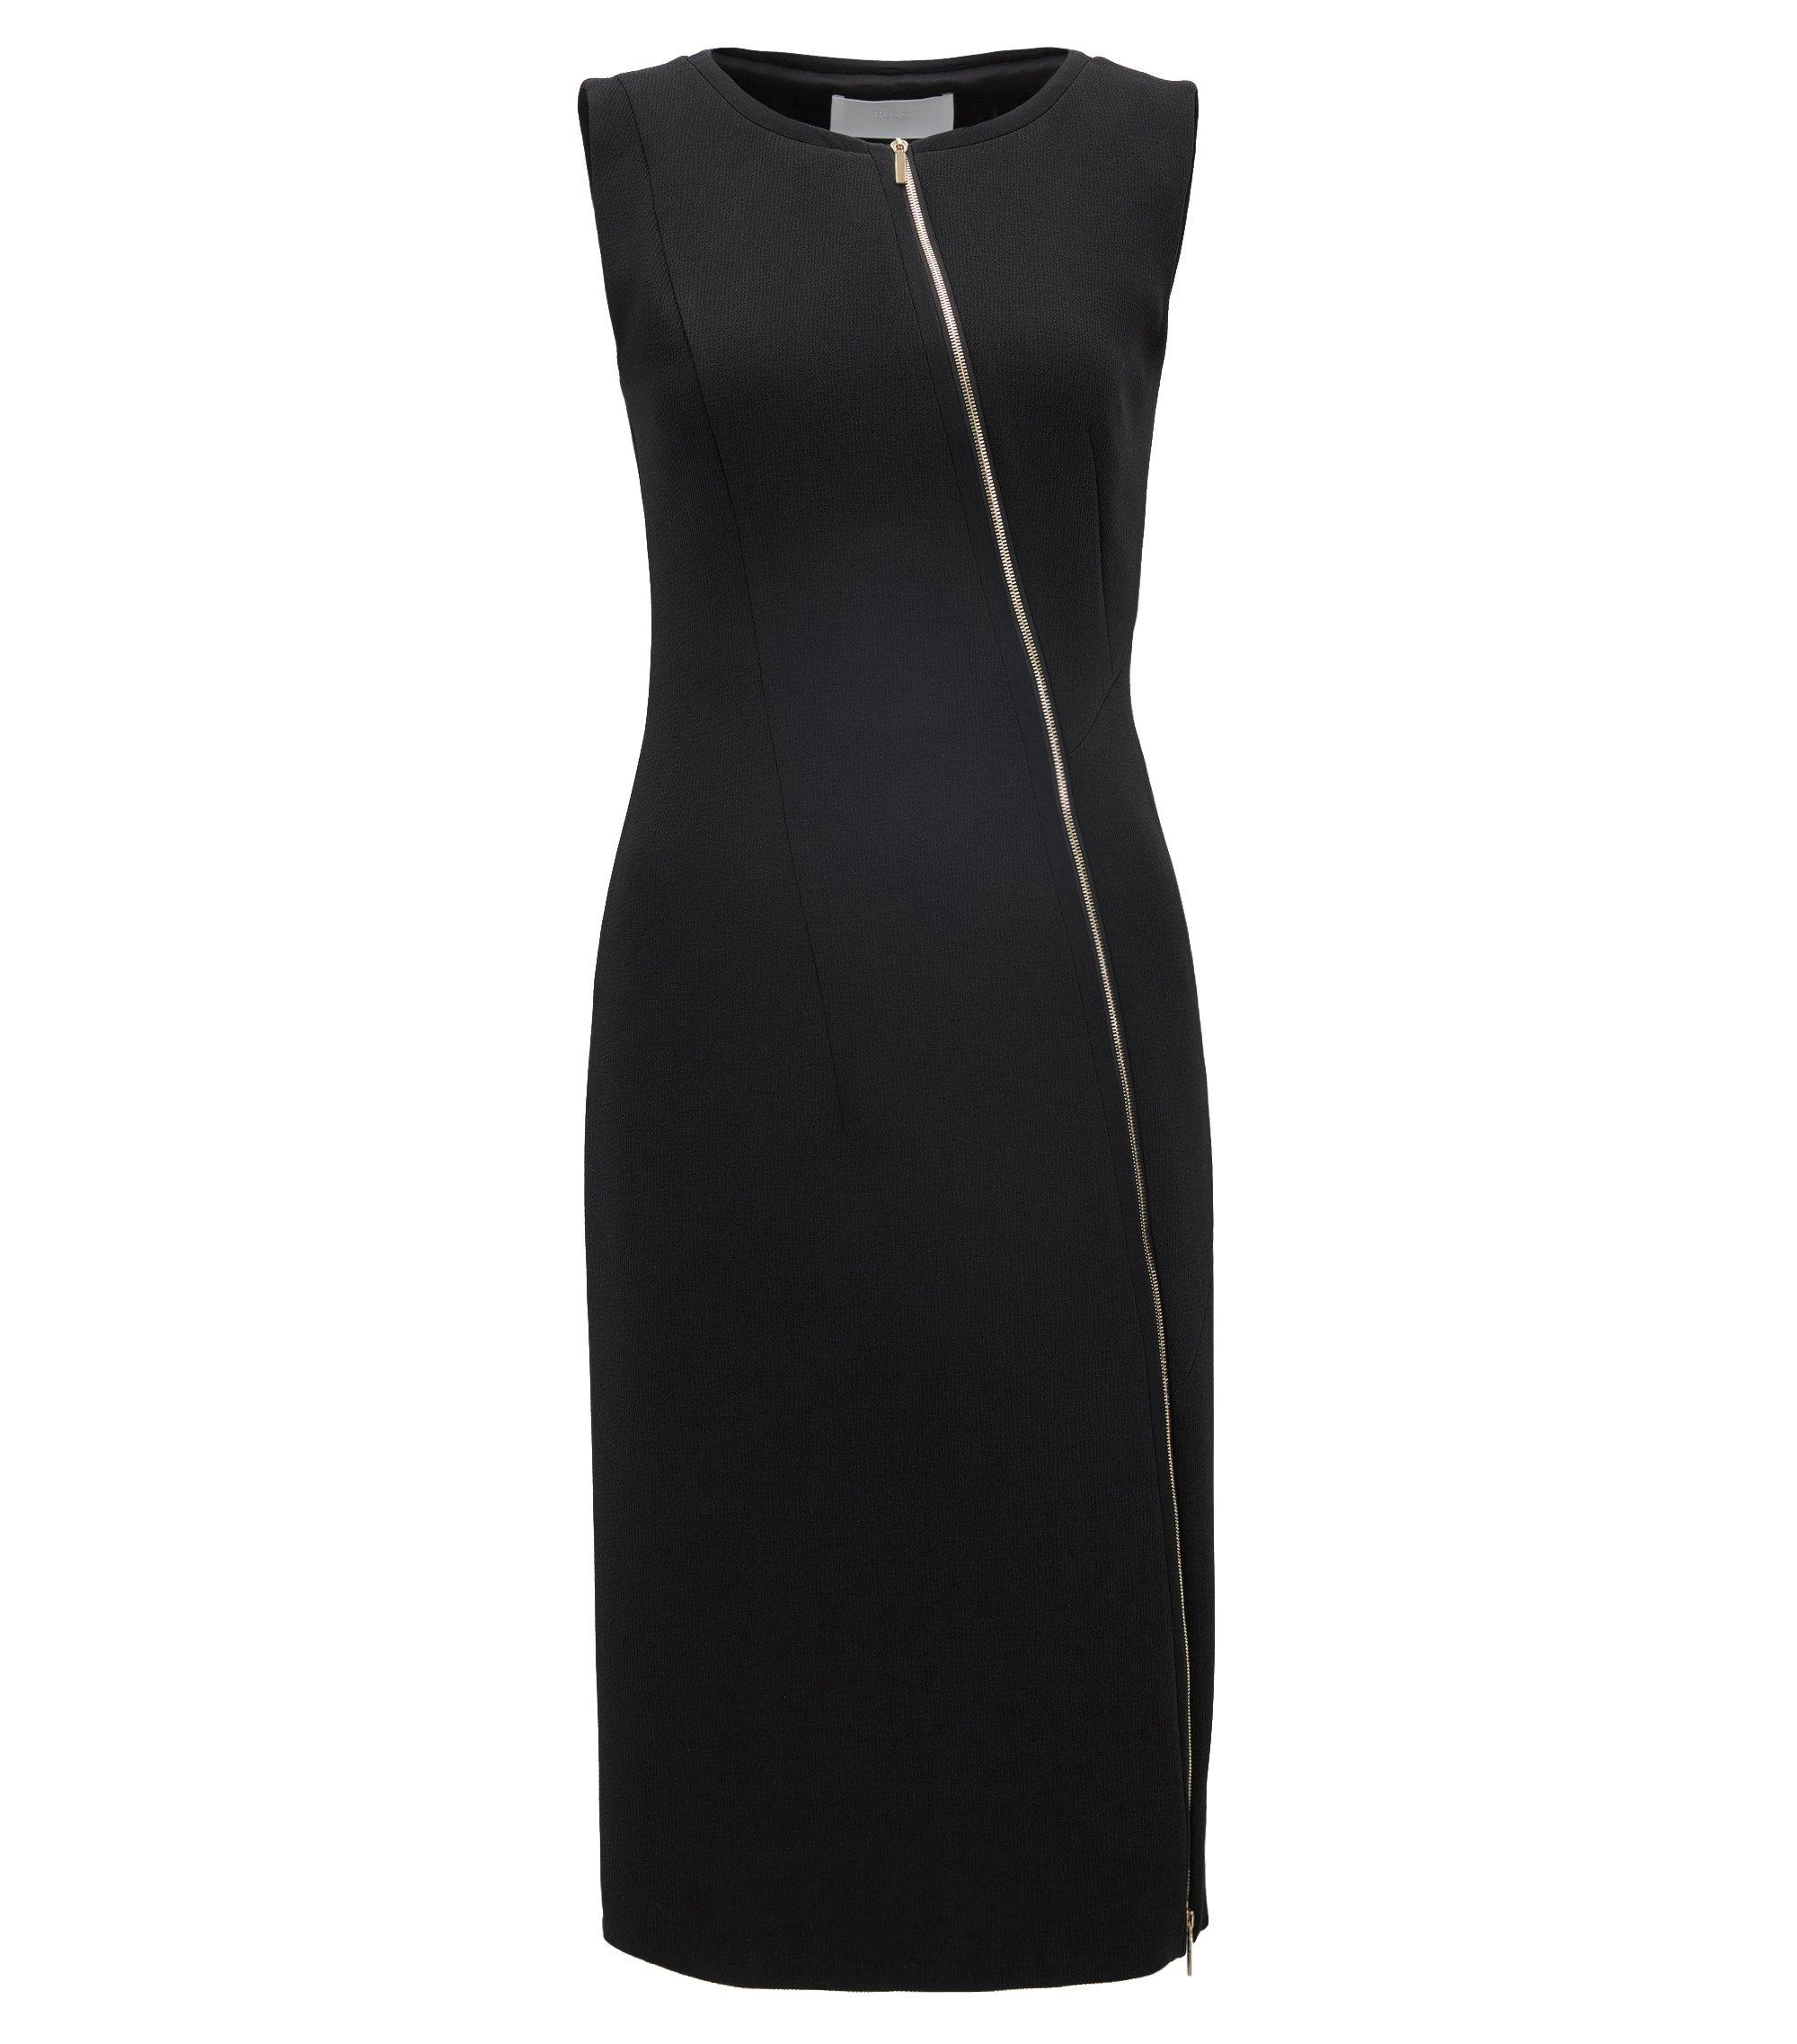 Stretch Sheath Dress | Danafea, Black